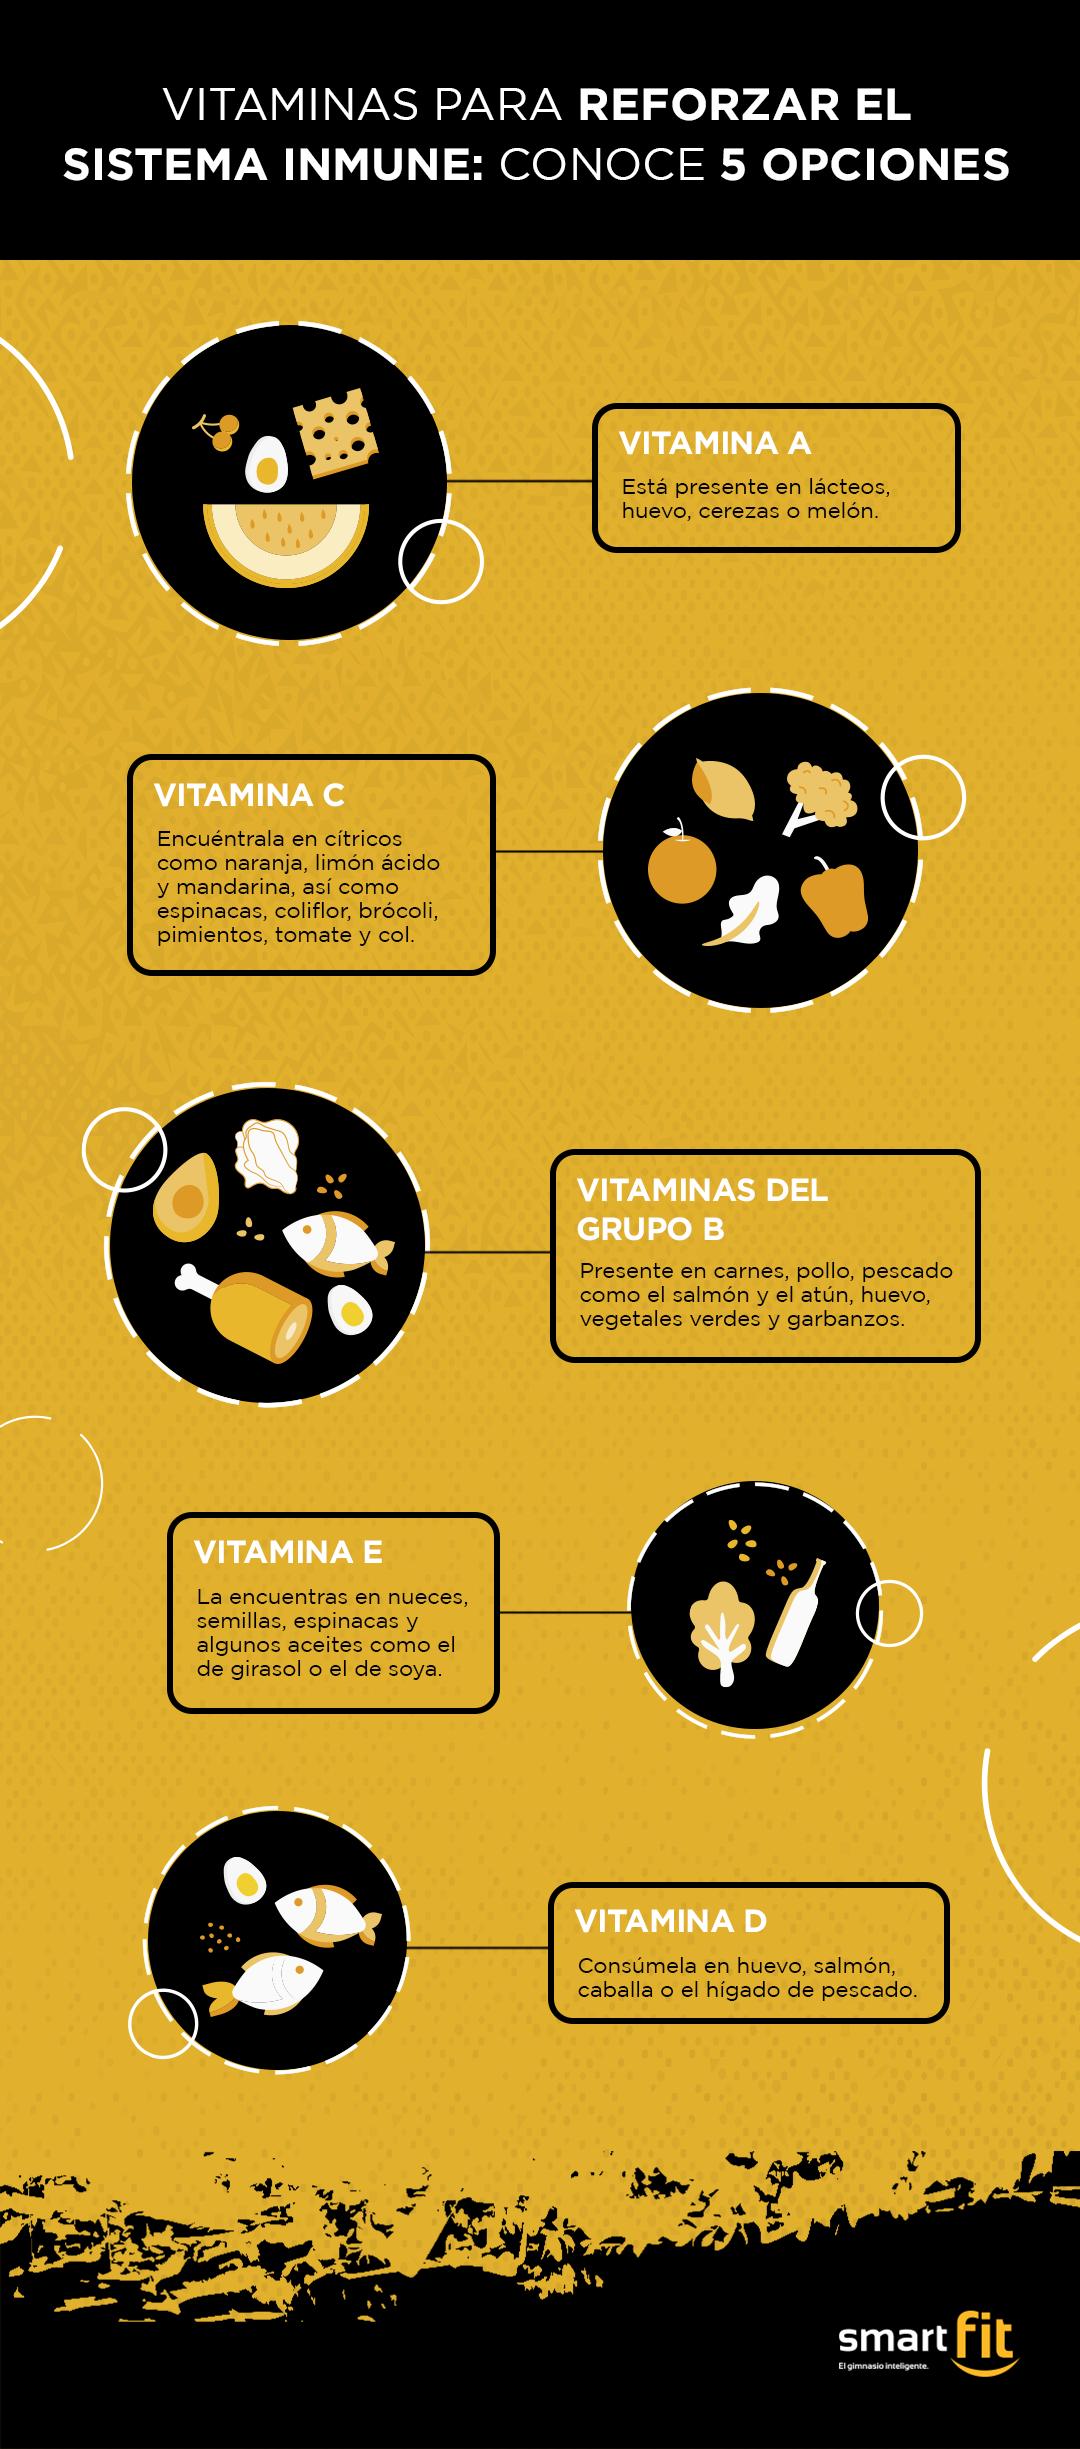 vitaminas para reforzar el sistema inmune